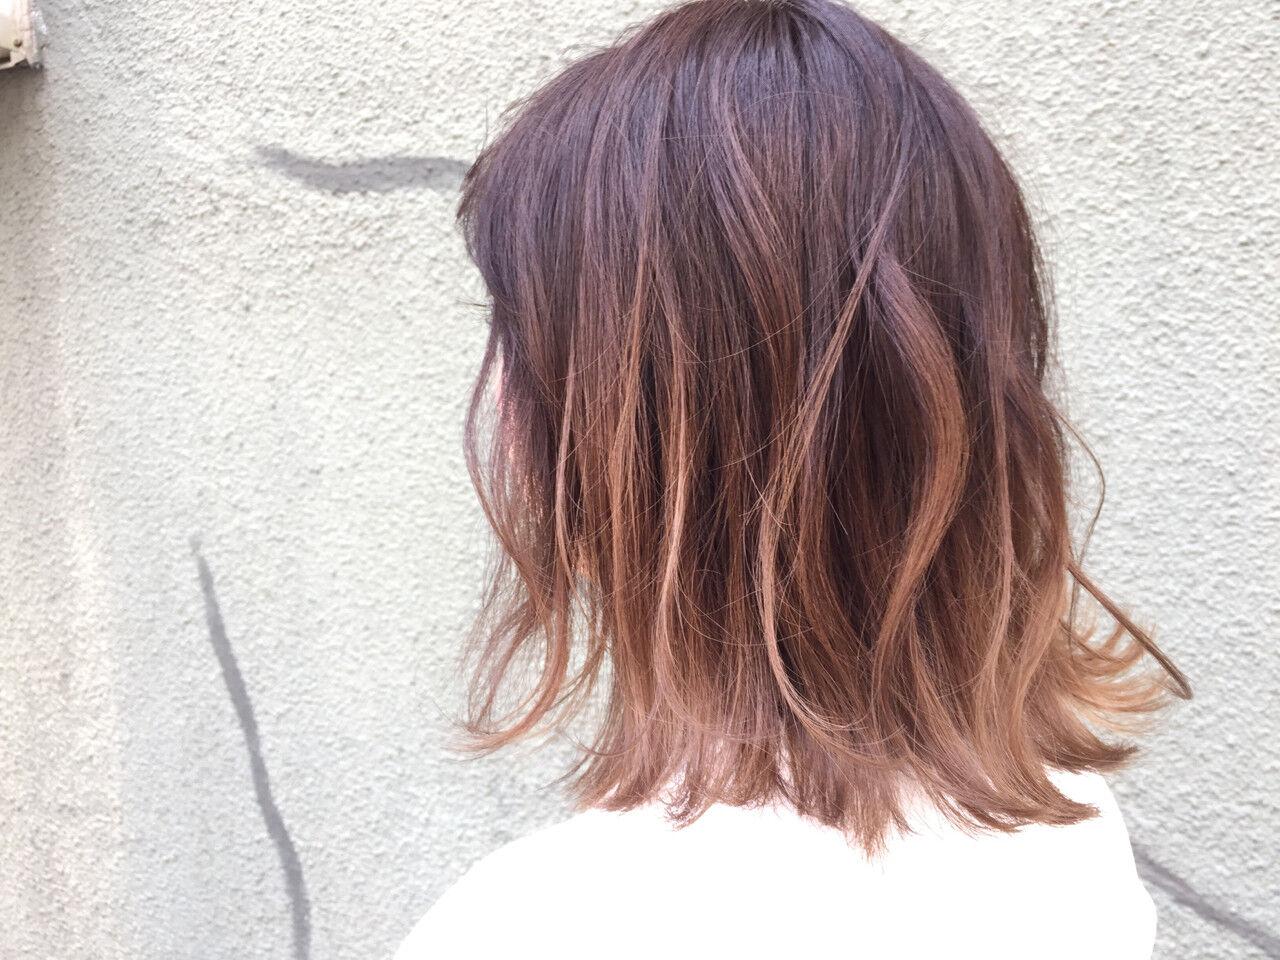 アッシュ ミディアム ストリート ハイライトヘアスタイルや髪型の写真・画像